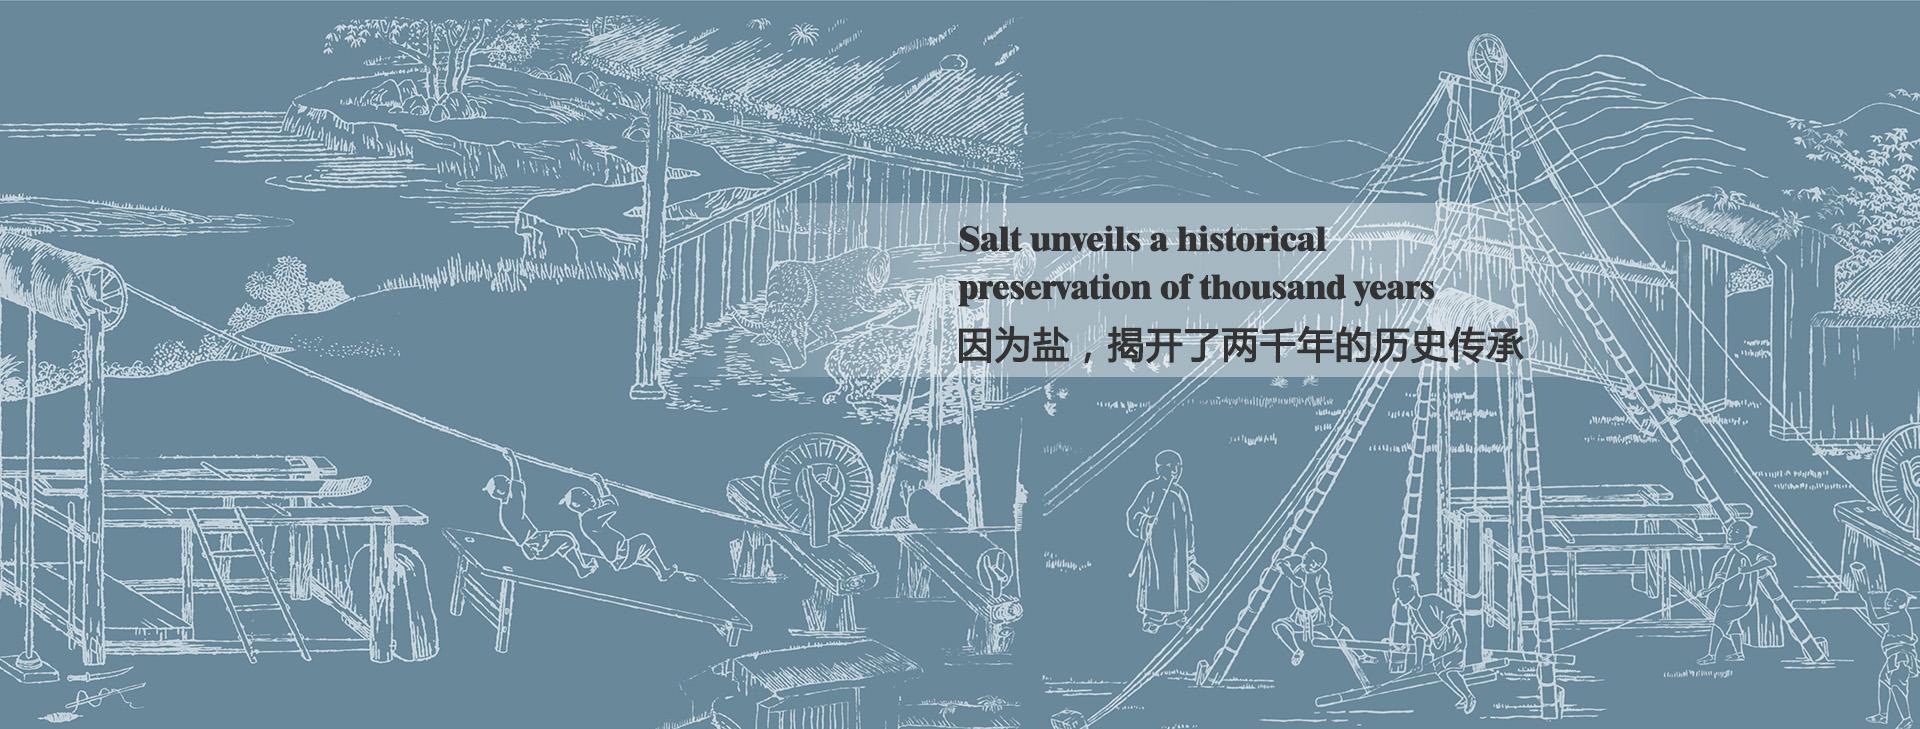 因为盐,揭开了两千年的历史传承